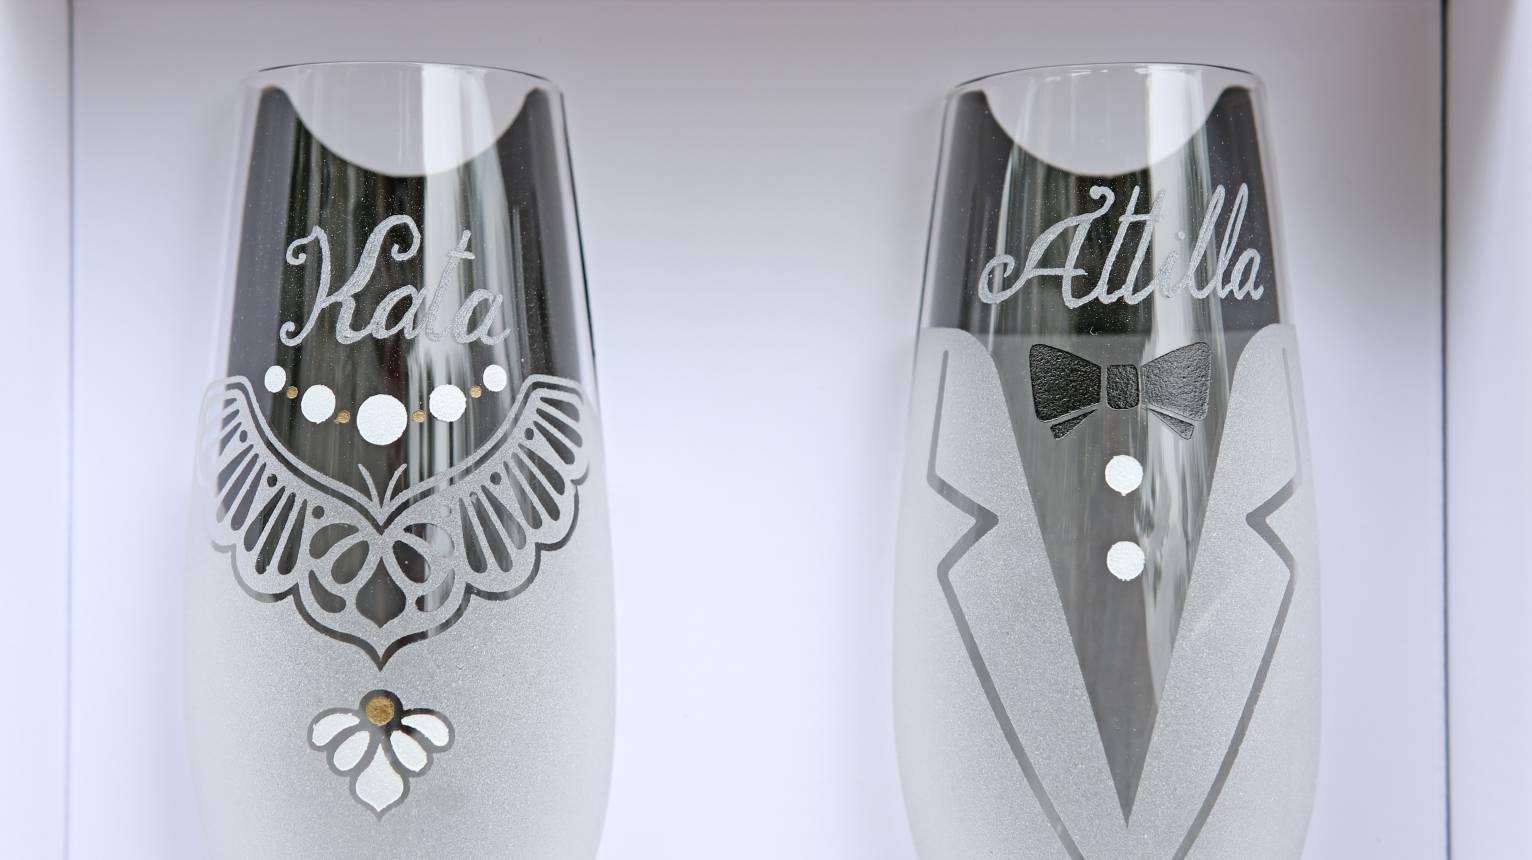 Egyedi Férfi-Nő pezsgőspohár gravírozva